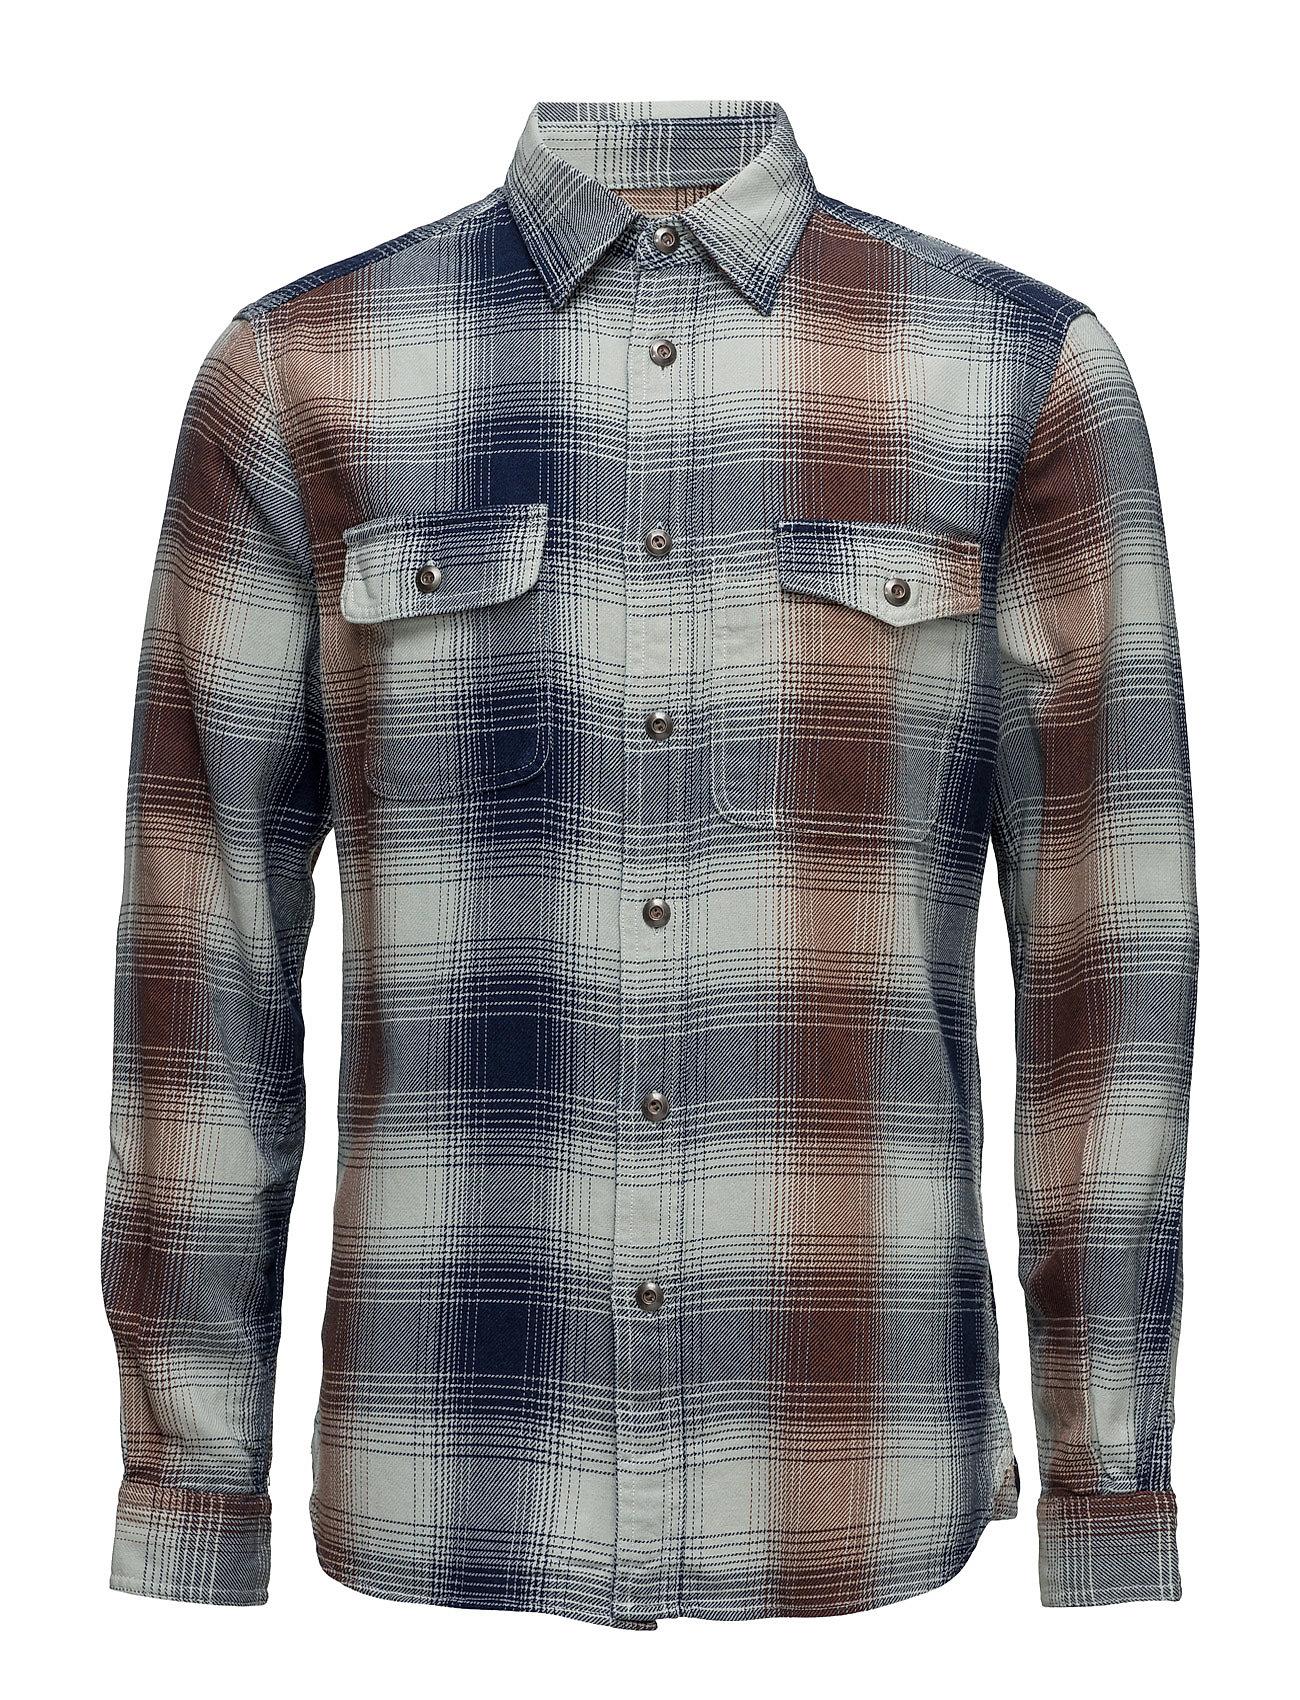 Shirts Woven Esprit Casual Casual sko til Herrer i Blæk